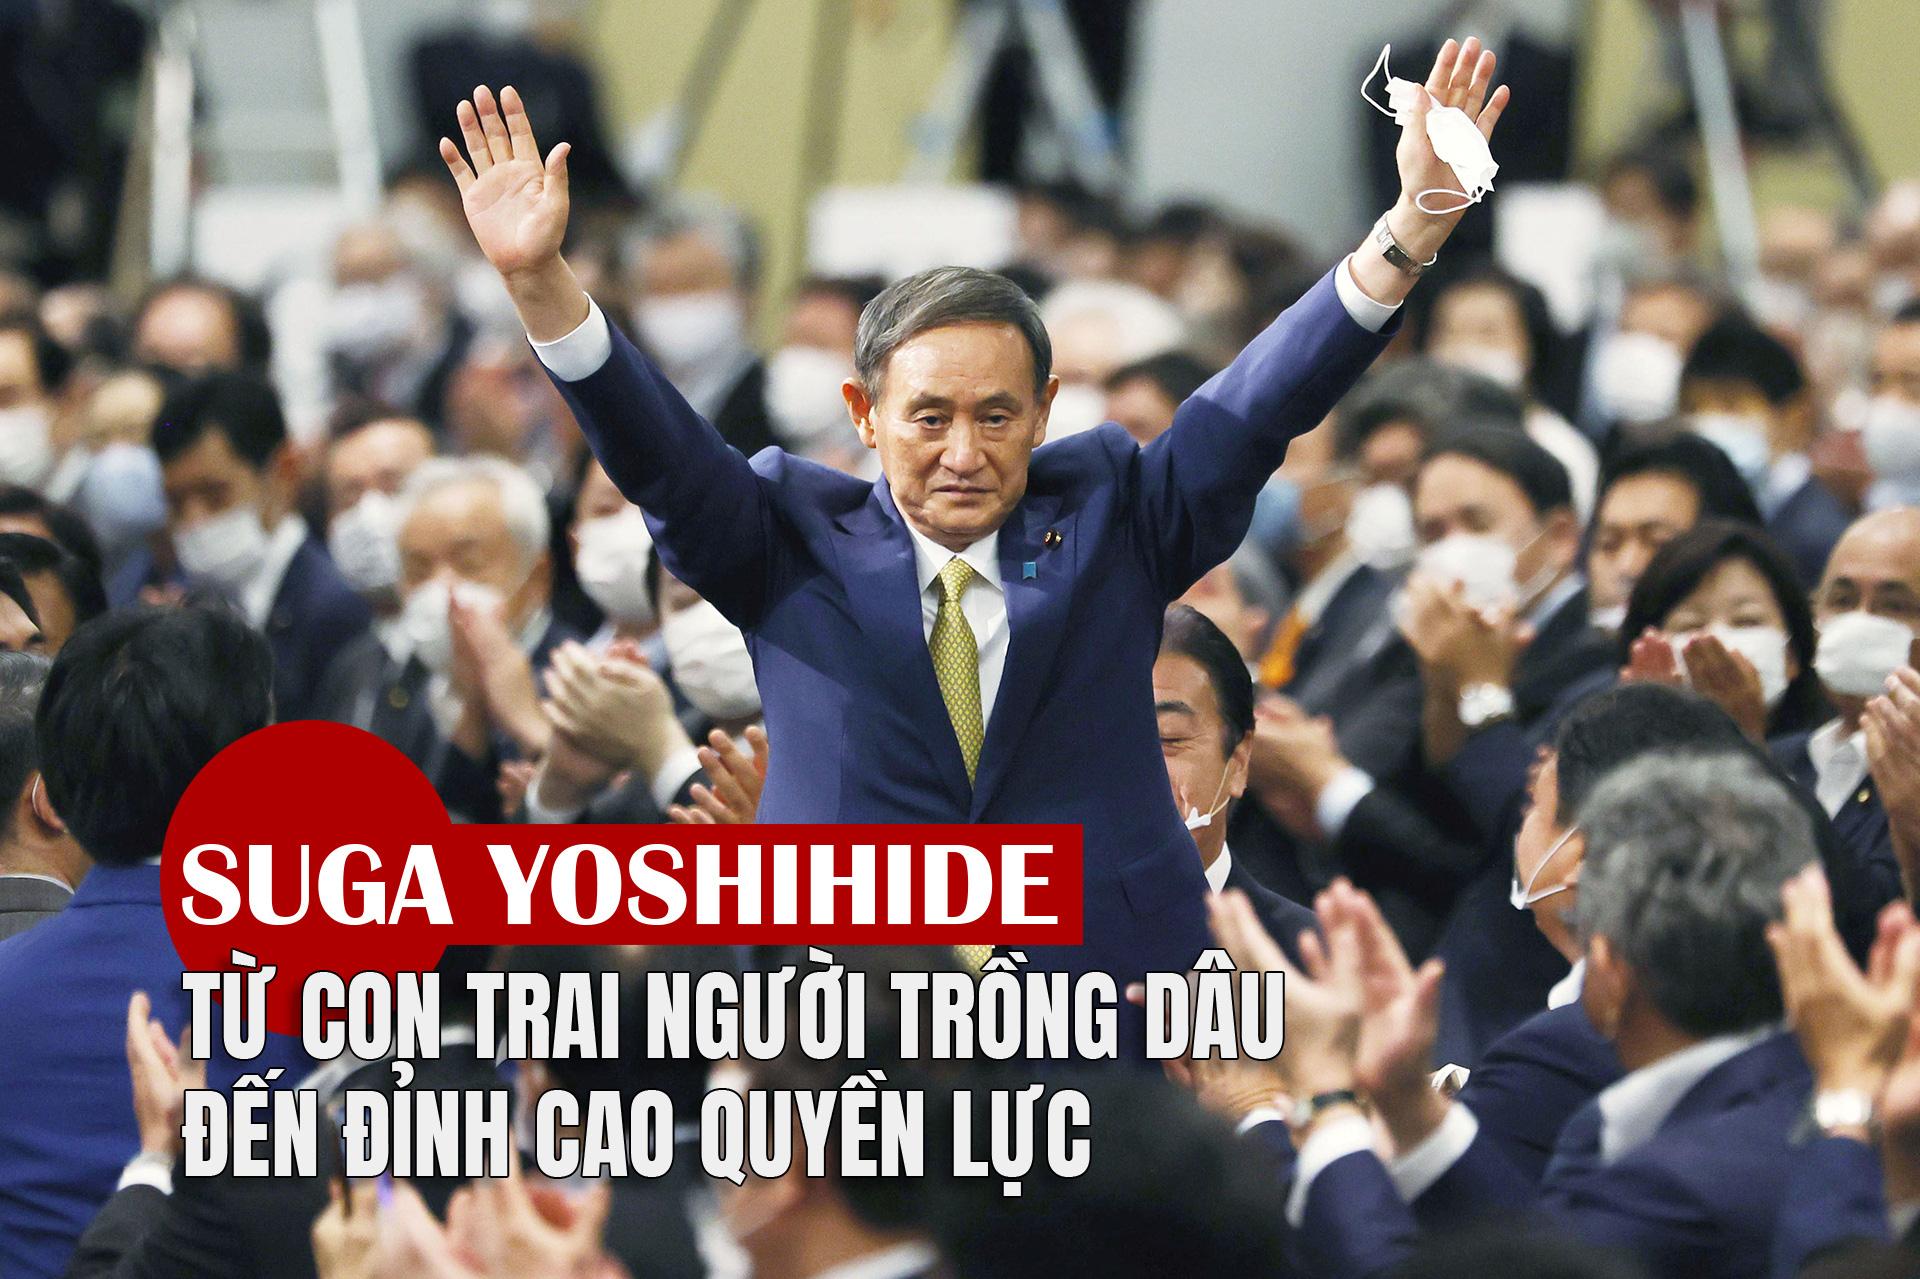 [eMagazine] Suga Yoshihide: Từ con trai người trồng dâu đến đỉnh cao quyền lực - 1